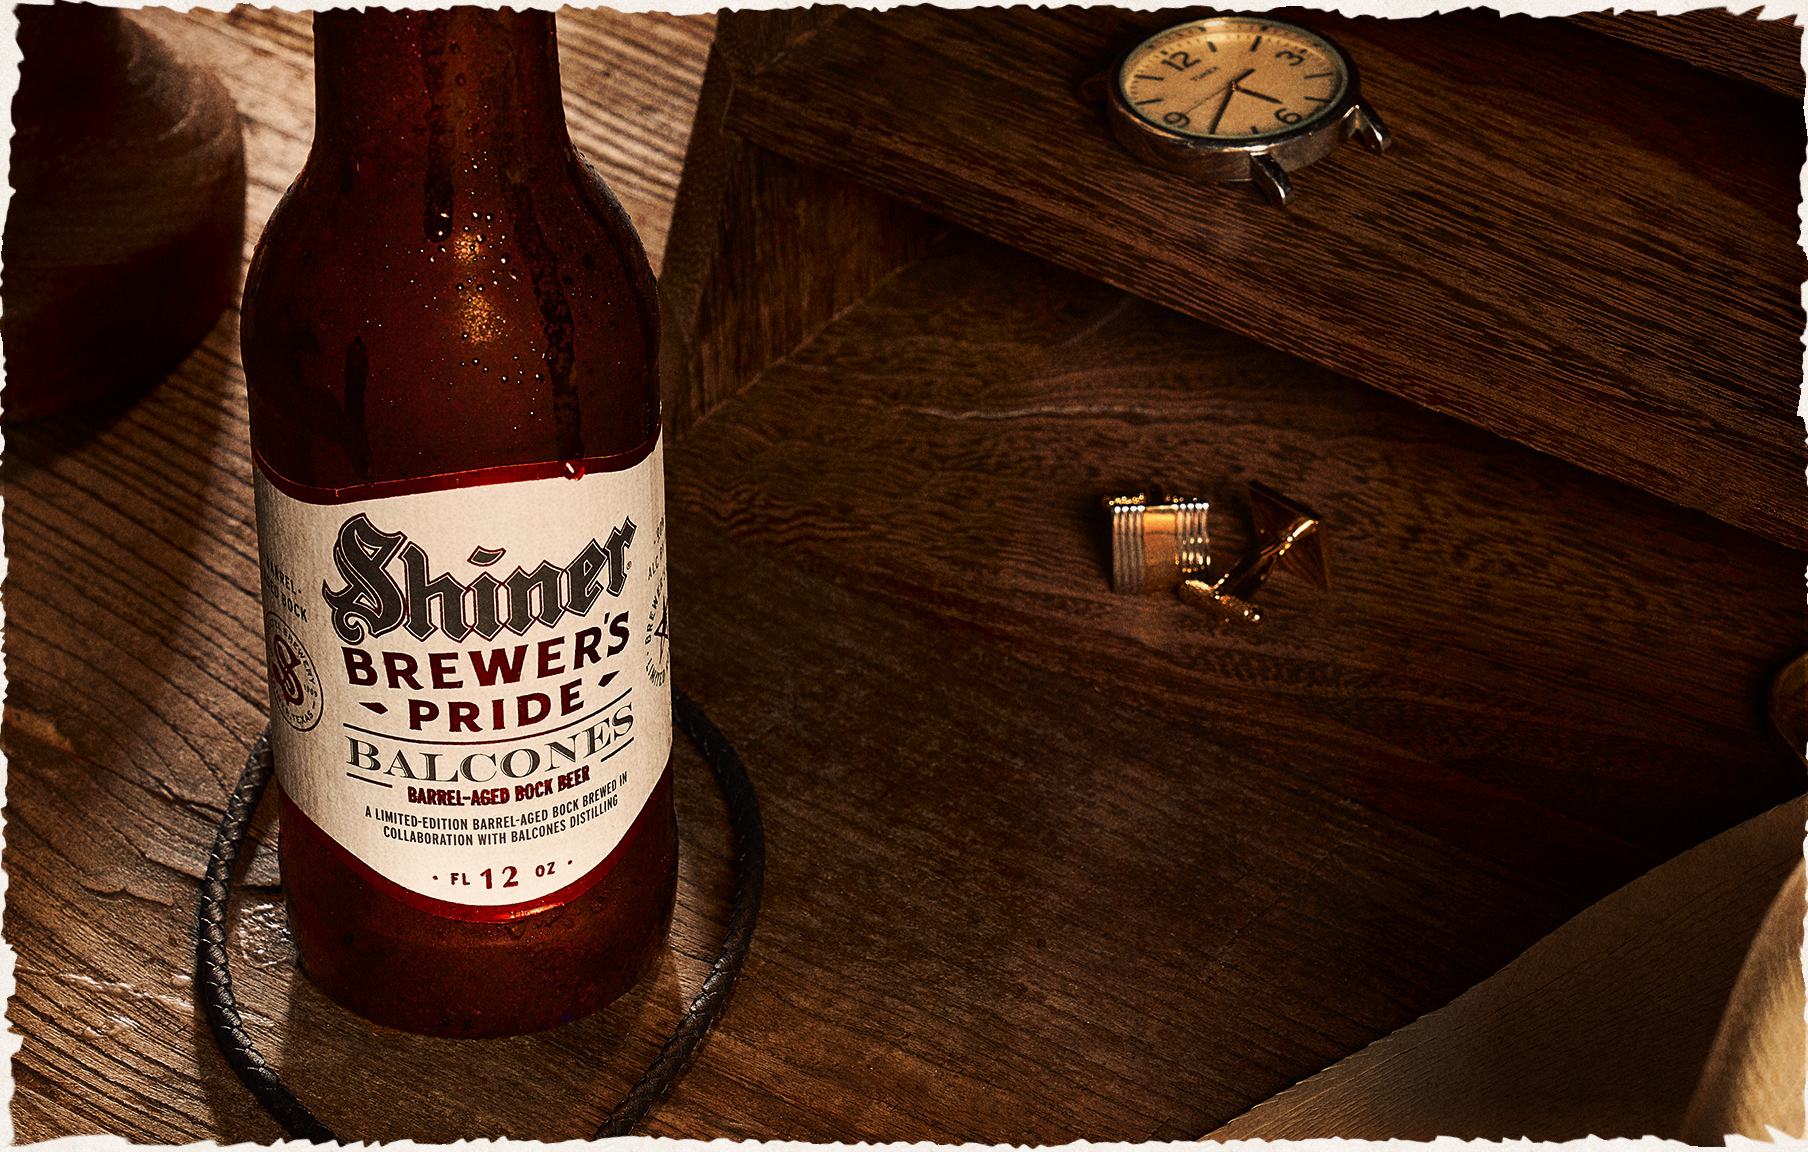 Barrel-Aged Bock Beer